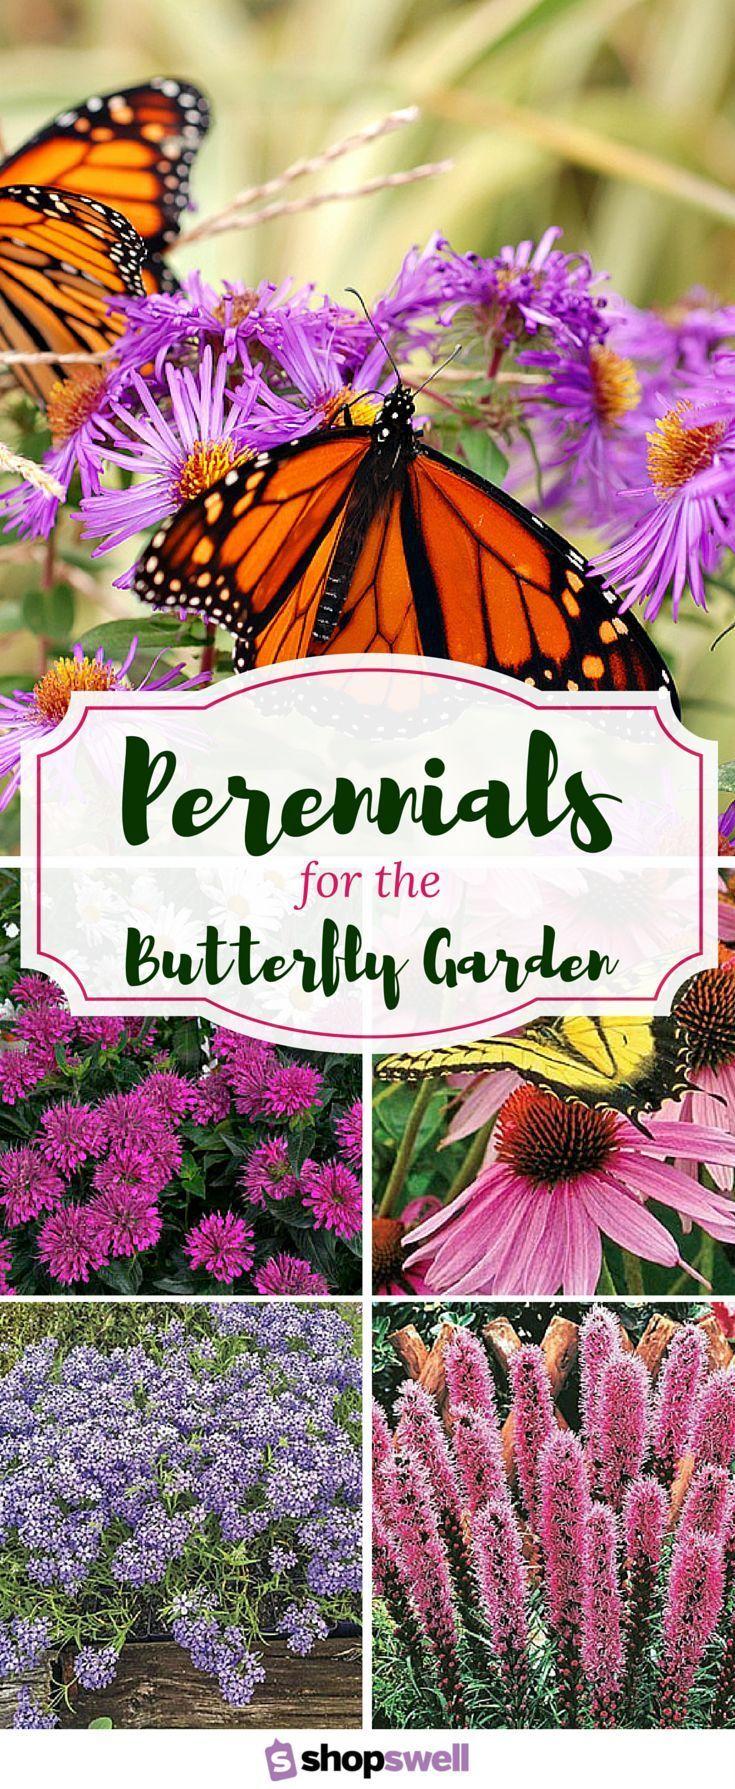 Flower garden pictures - 12 Beautiful Perennials For The Butterfly Garden